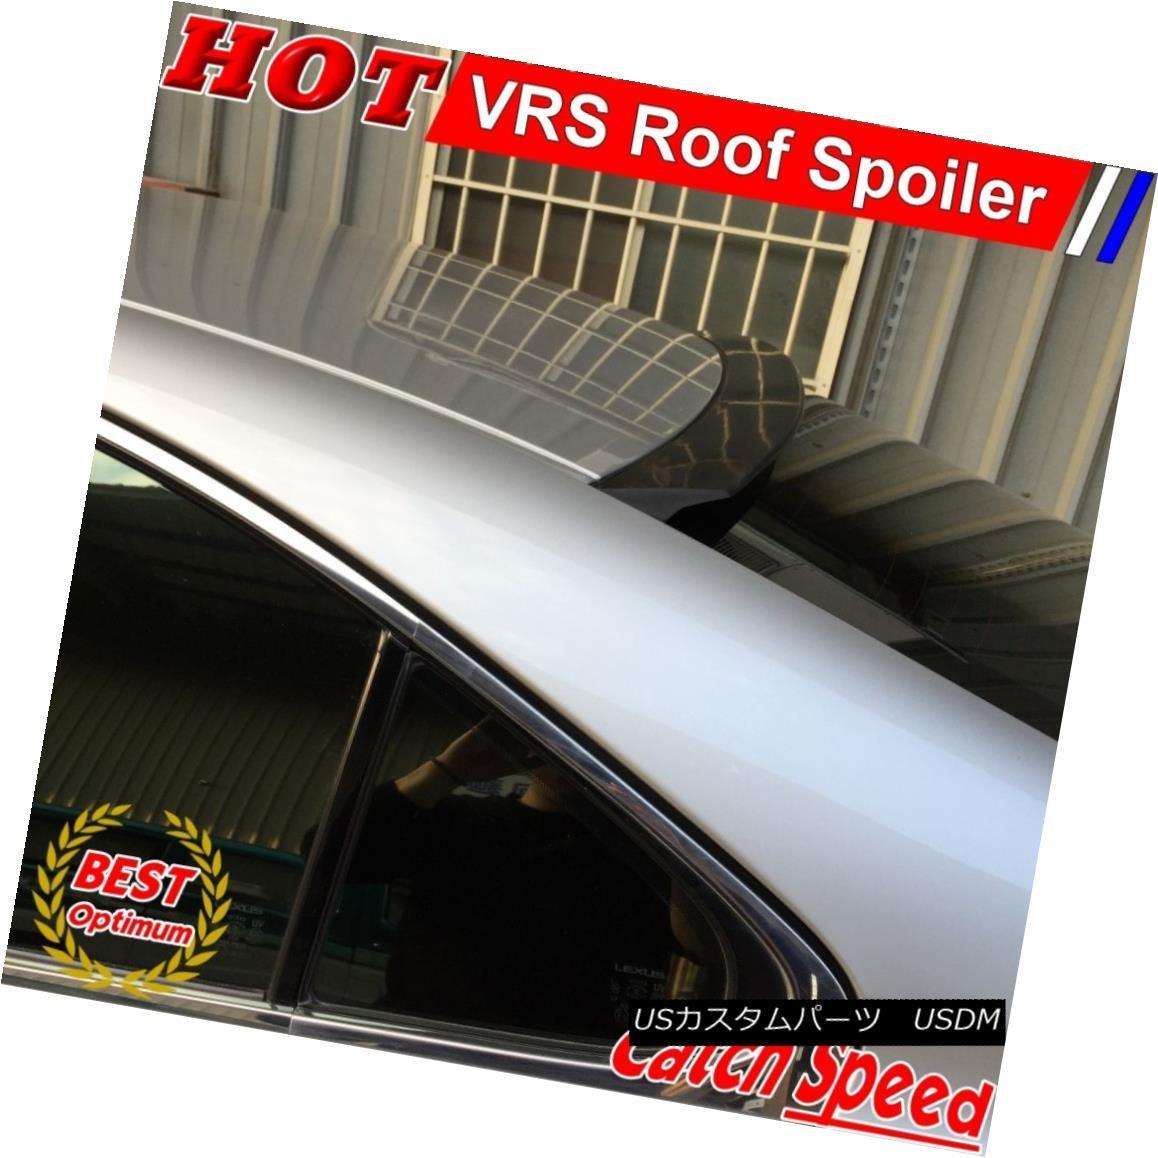 エアロパーツ Flat Black VRS Type Rear Window Roof Spoiler For Chevrolet Cavalier 95-05 COUPE シボレーキャバリア用フラットブラックVSタイプリアウィンドウルーフスポイラー95-05 COUPE